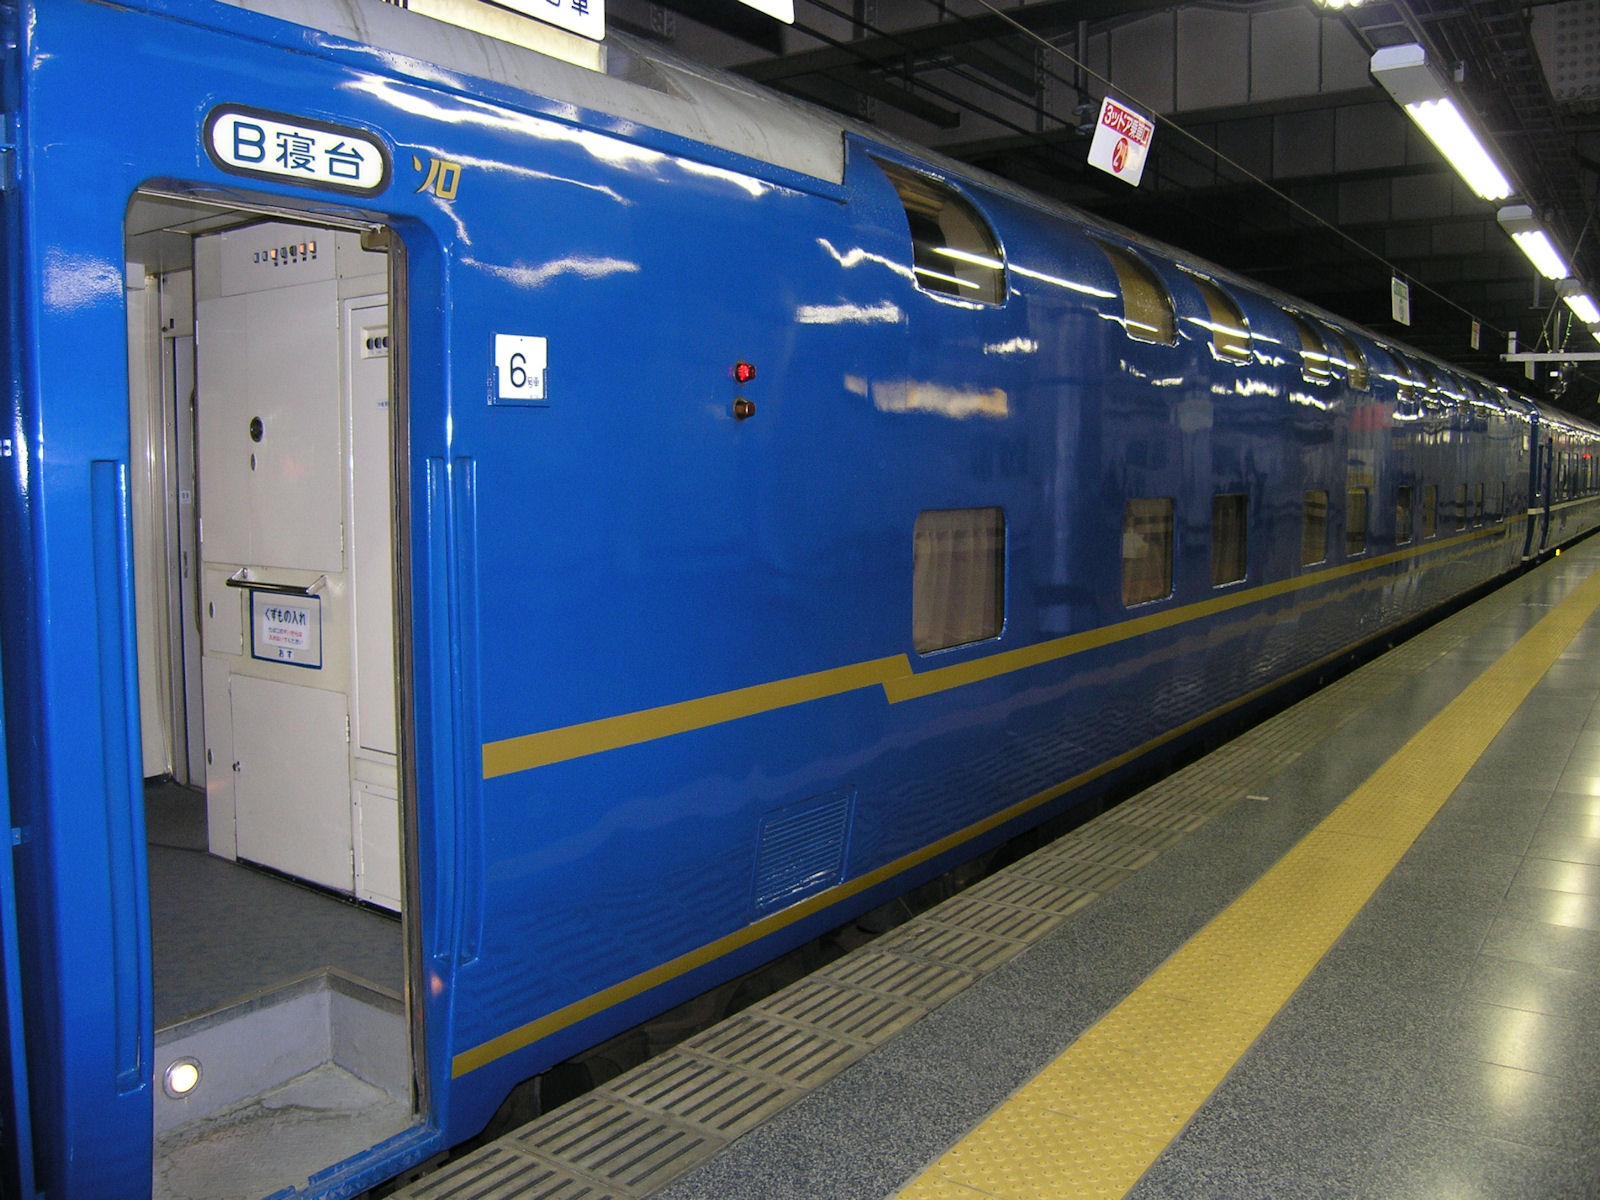 寝台特急北陸号ソロの客車(JPG-377k)